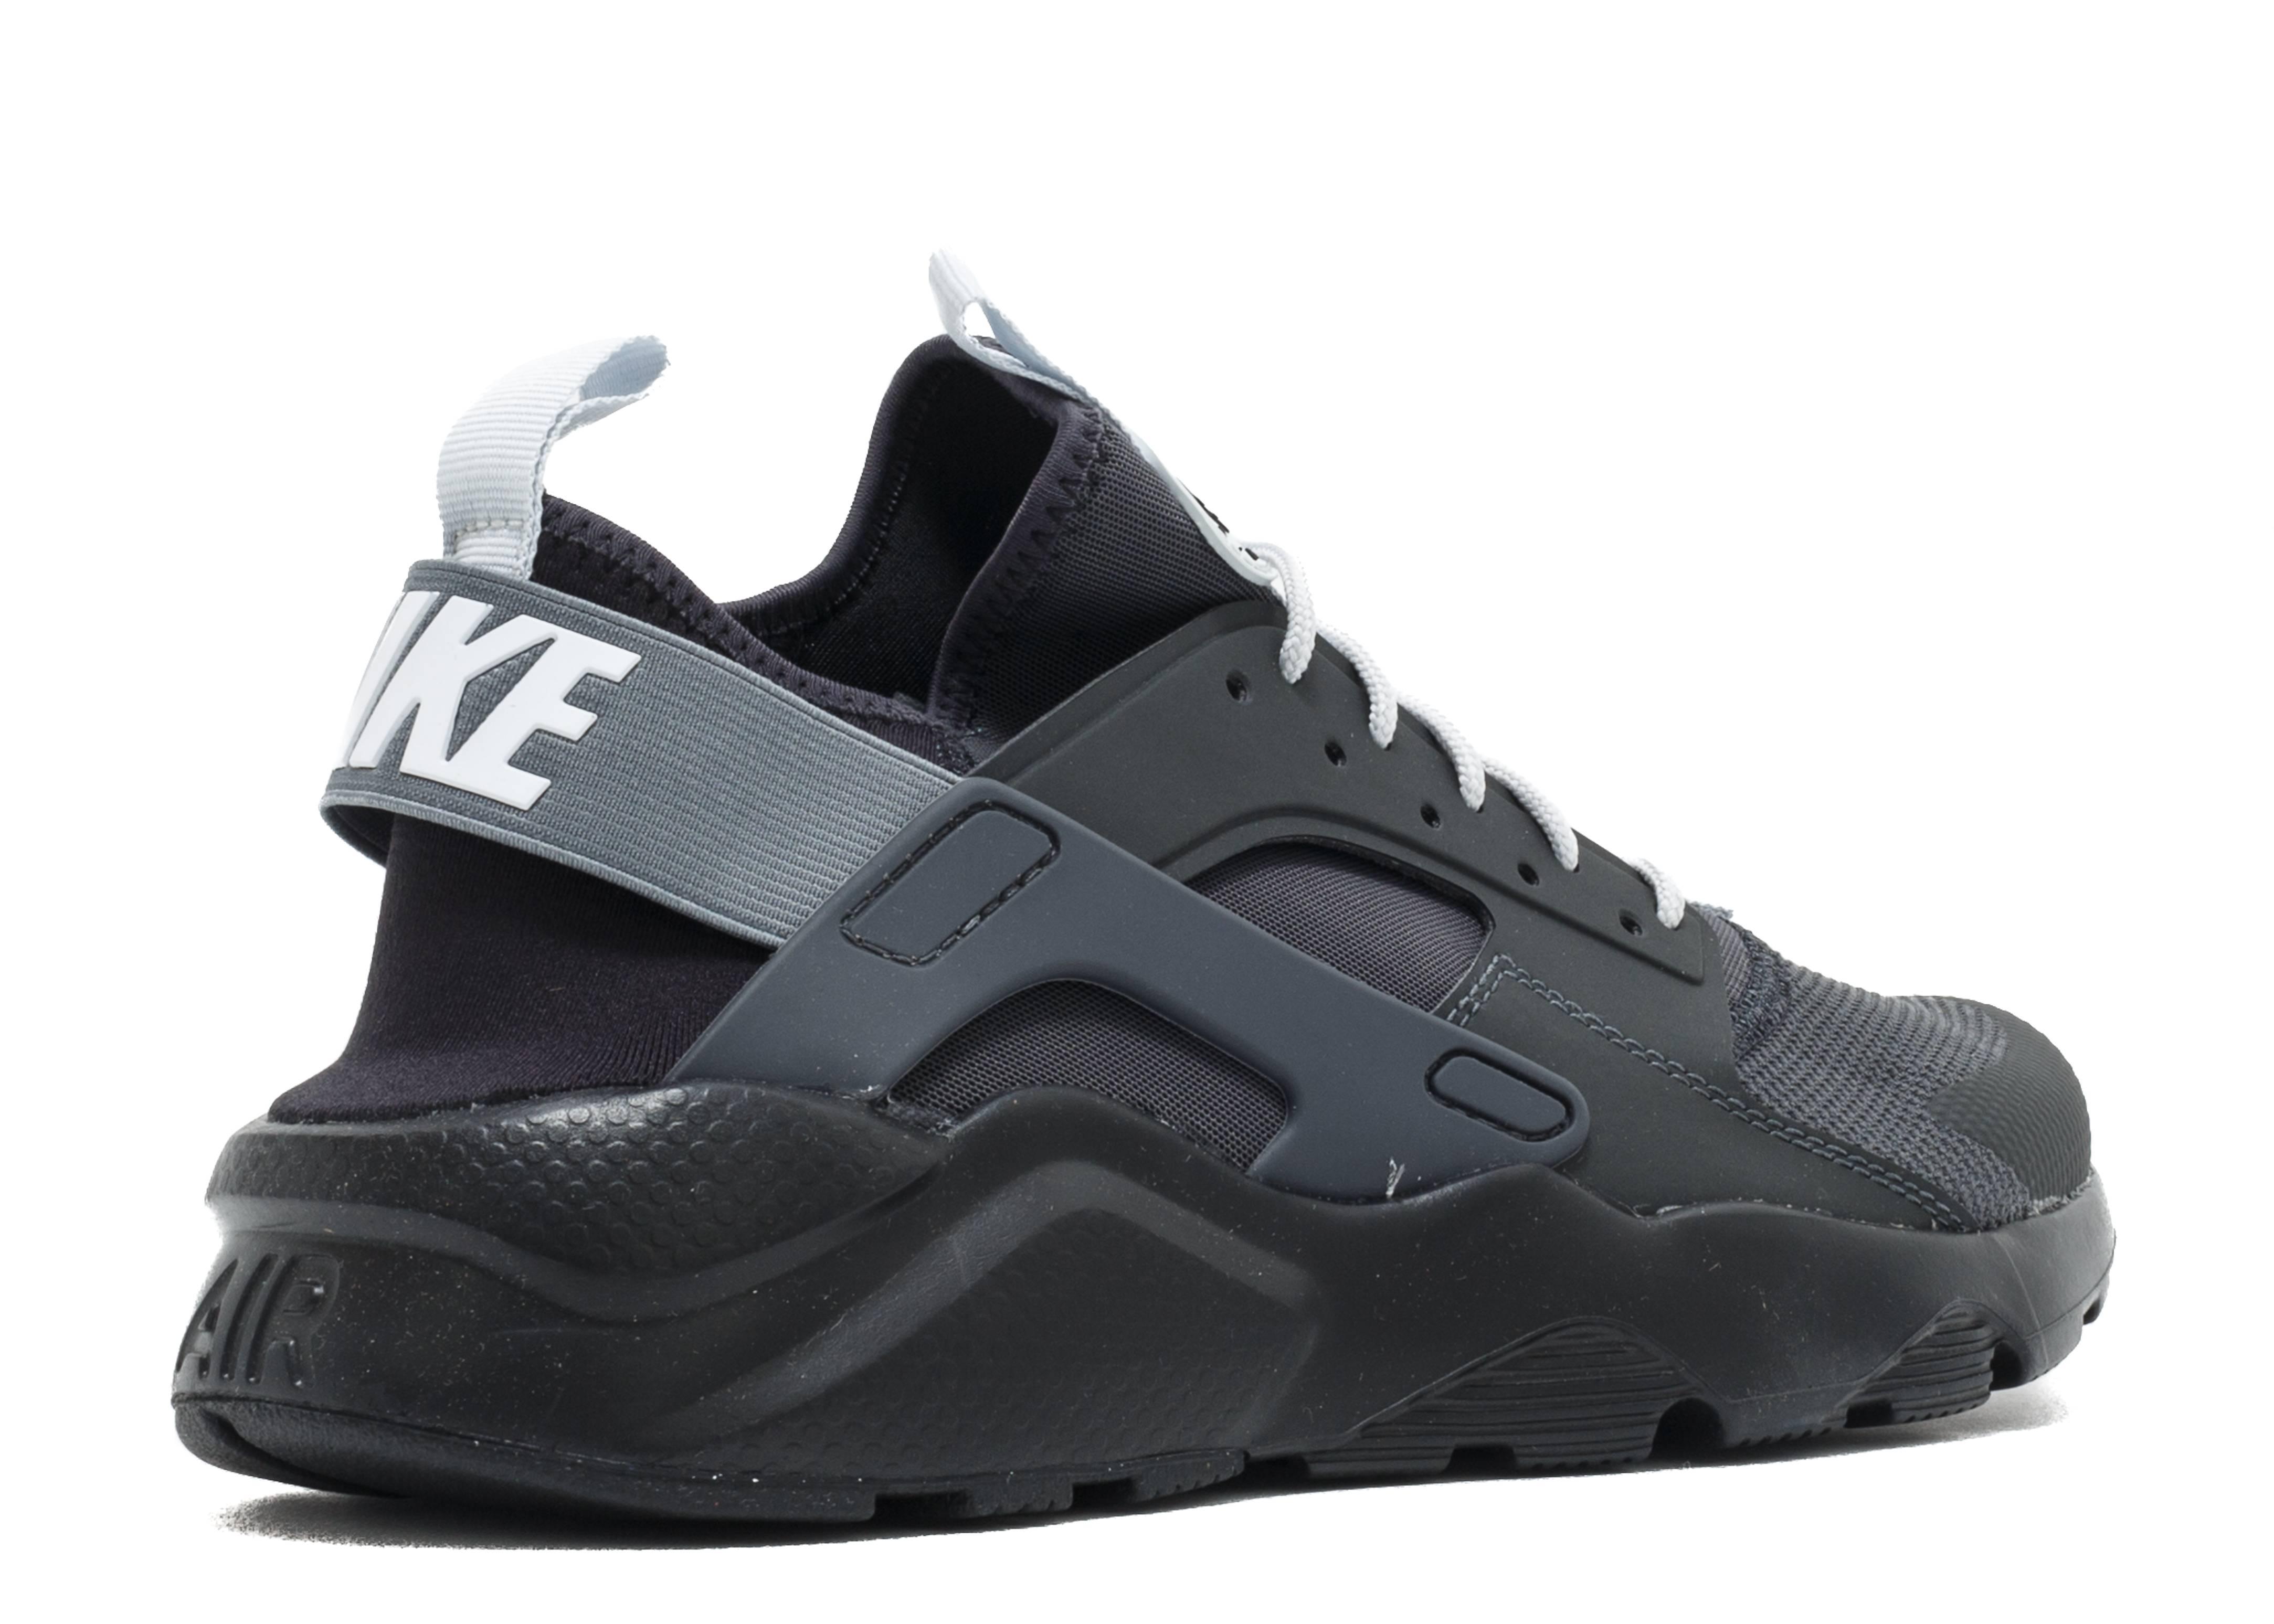 fb4152a023f85 Nike Air Huarache Run Ultra